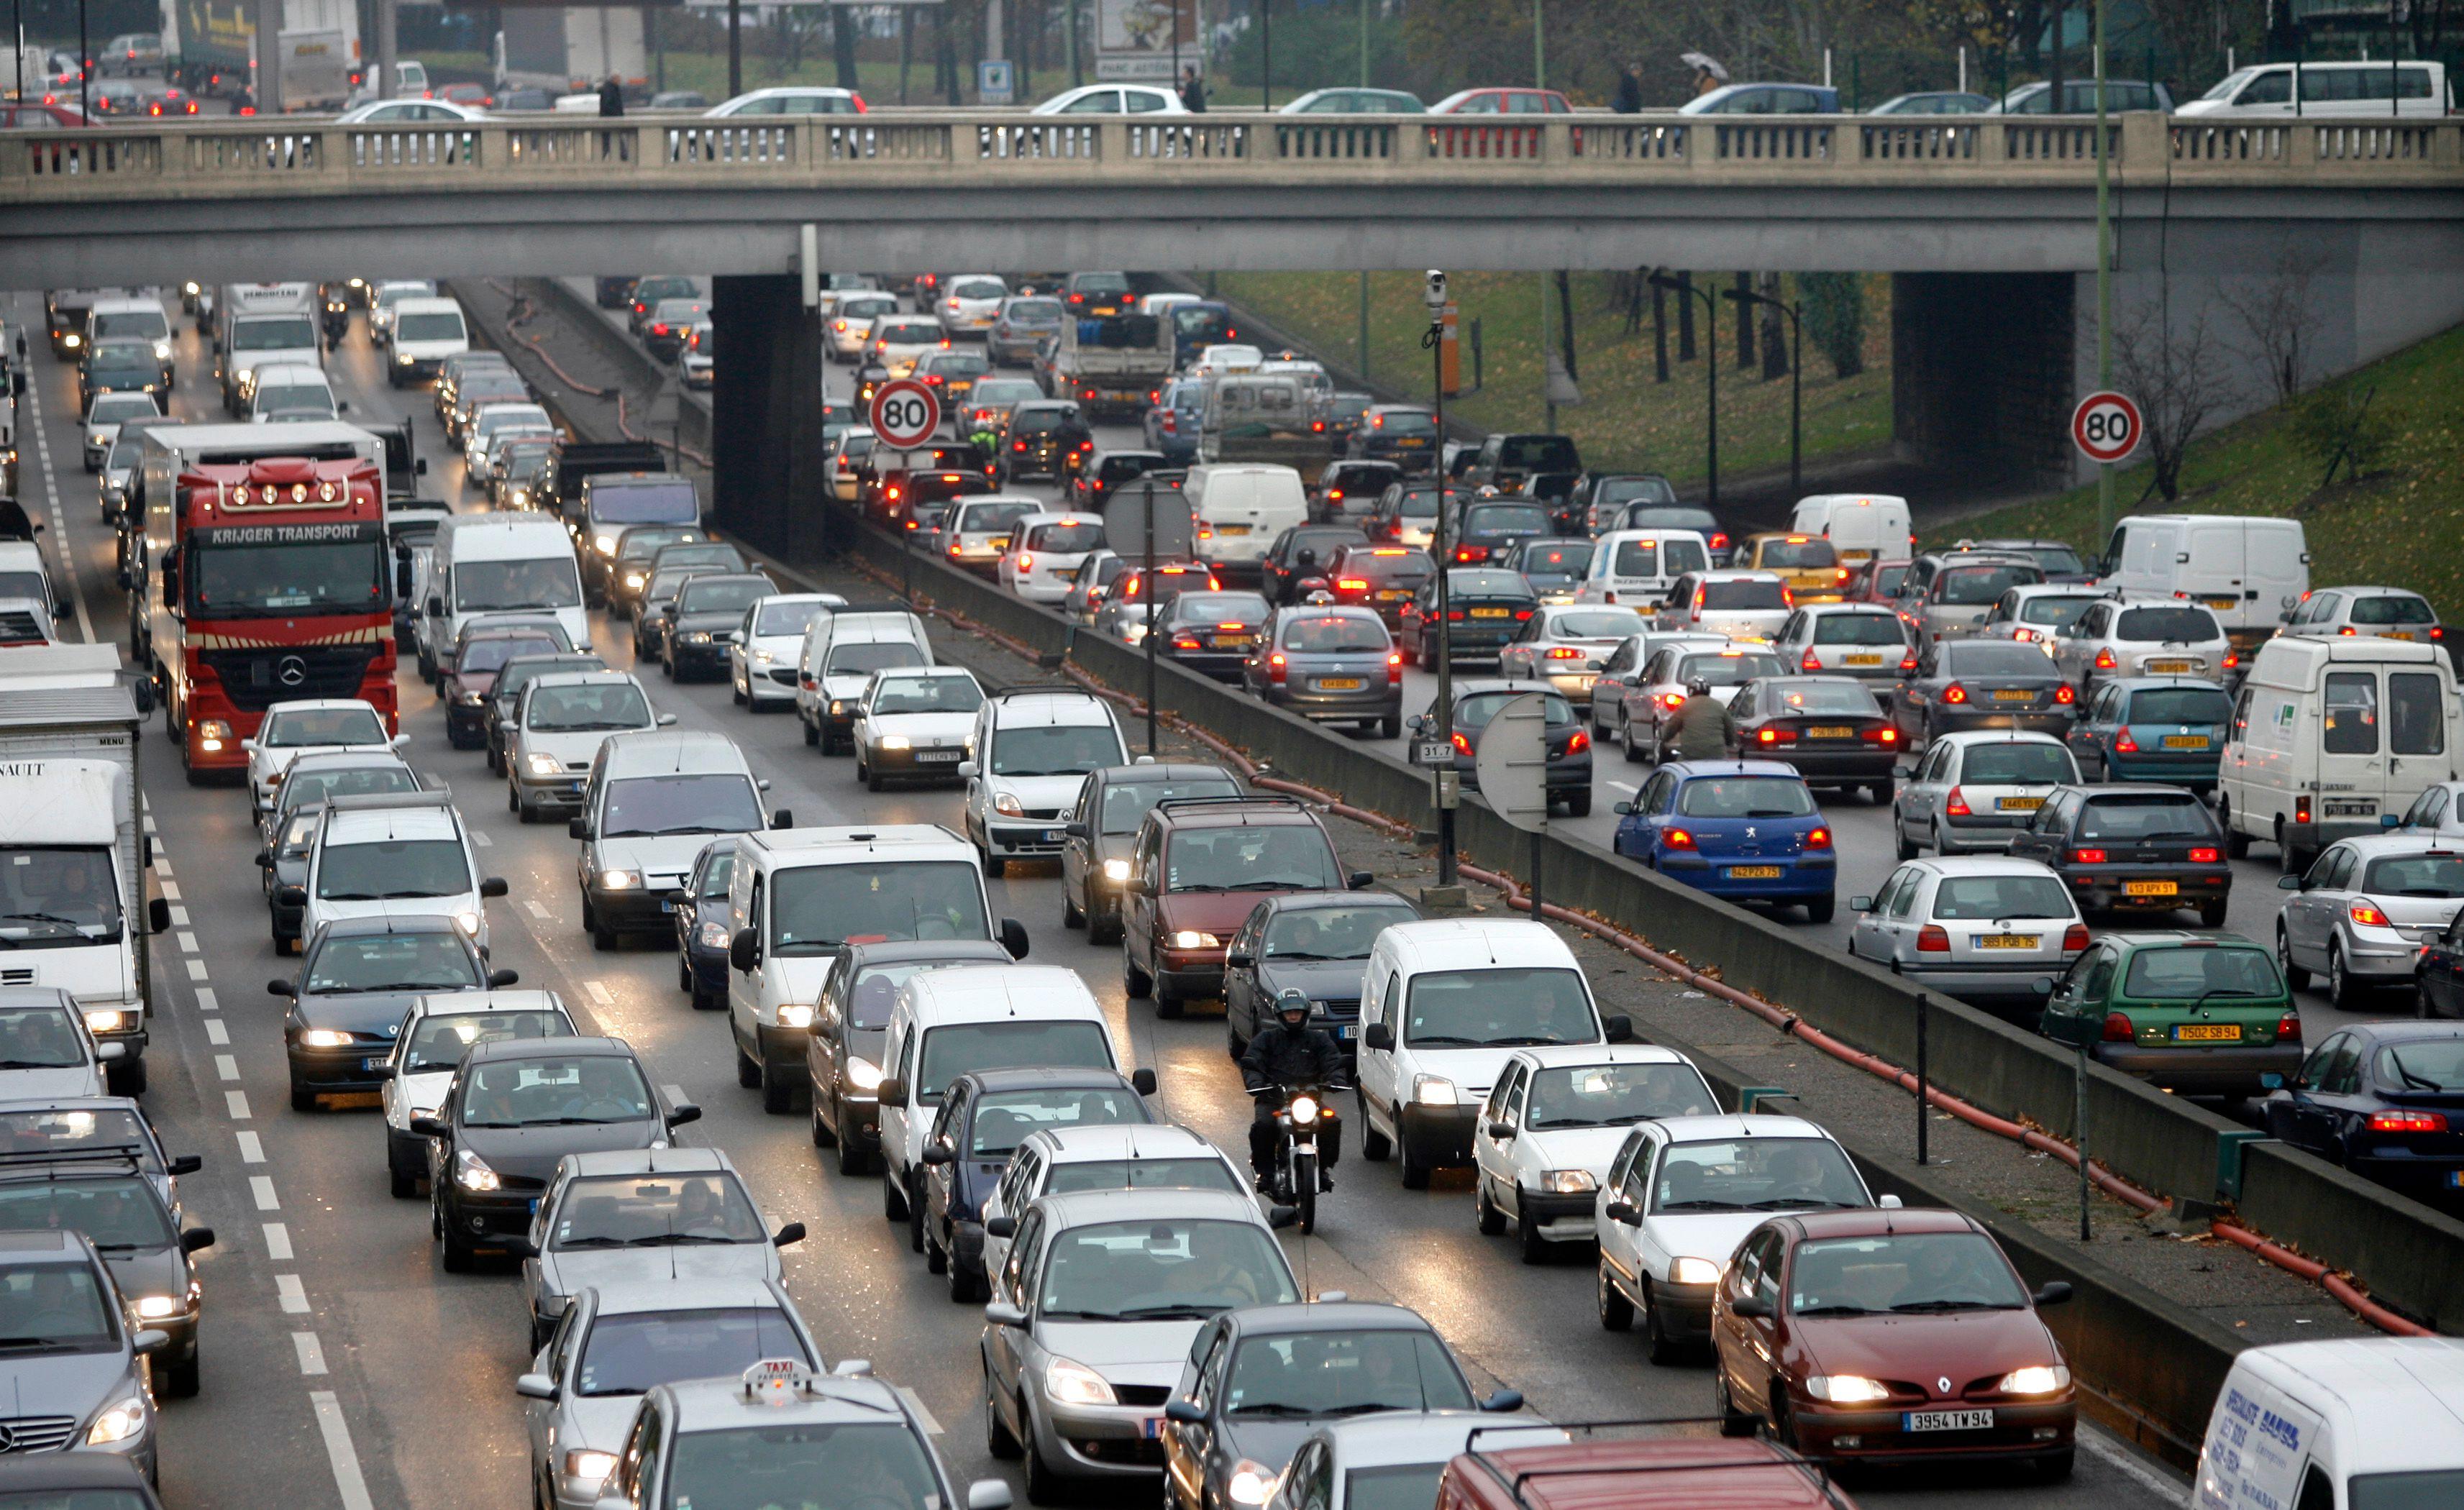 Tout ça pour quoi ? 56% des Français ne croient pas que la limitation à 80km/h permette de réduire la mortalité sur les routes et 72% que la mesure ne sera pas respectée par les automobilistes...